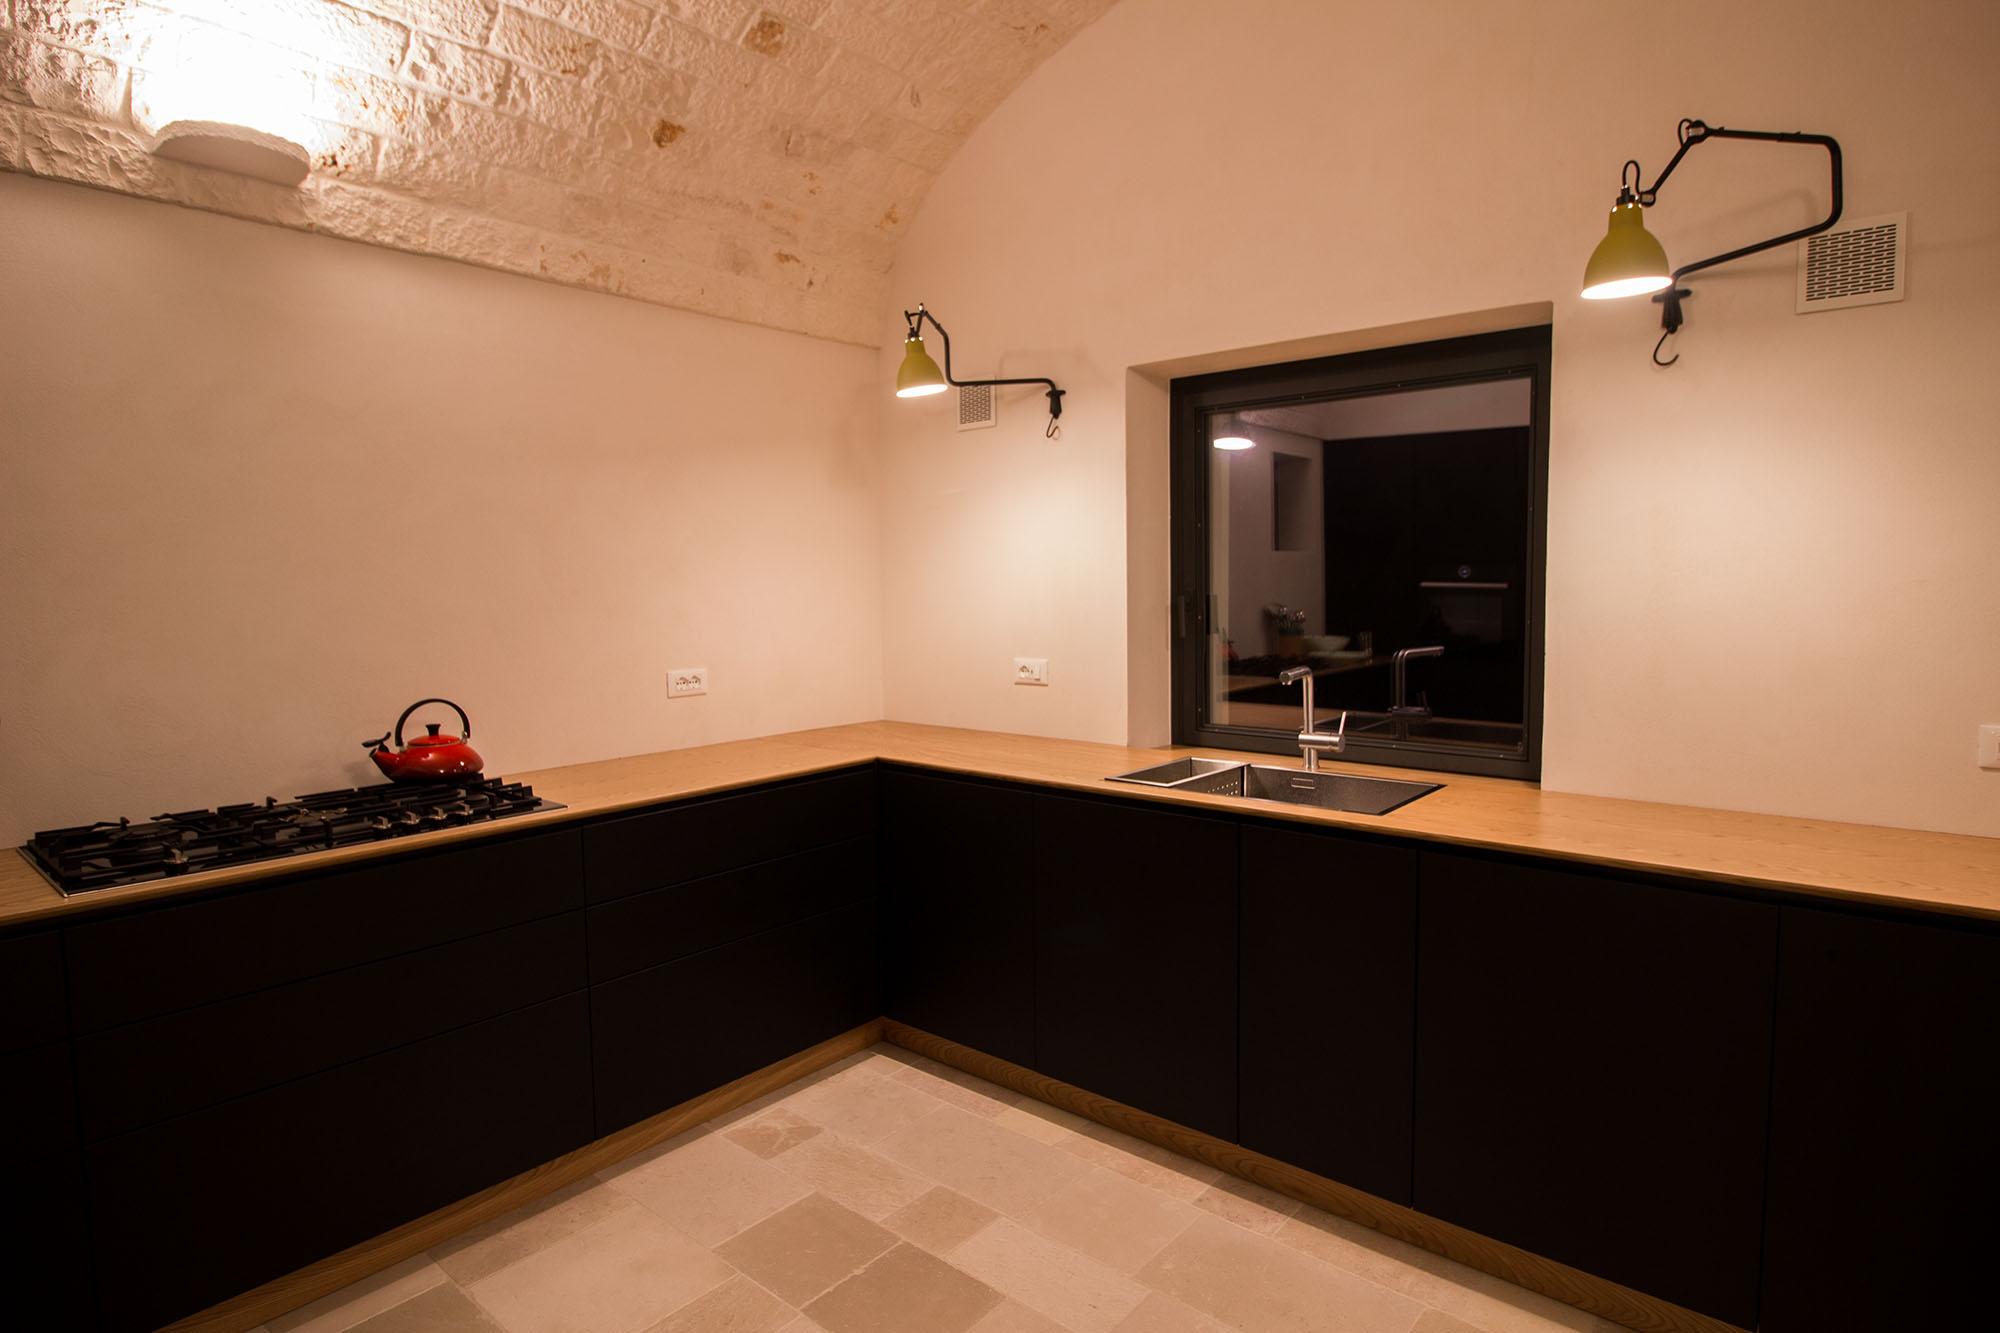 Casa Peter - Cucina